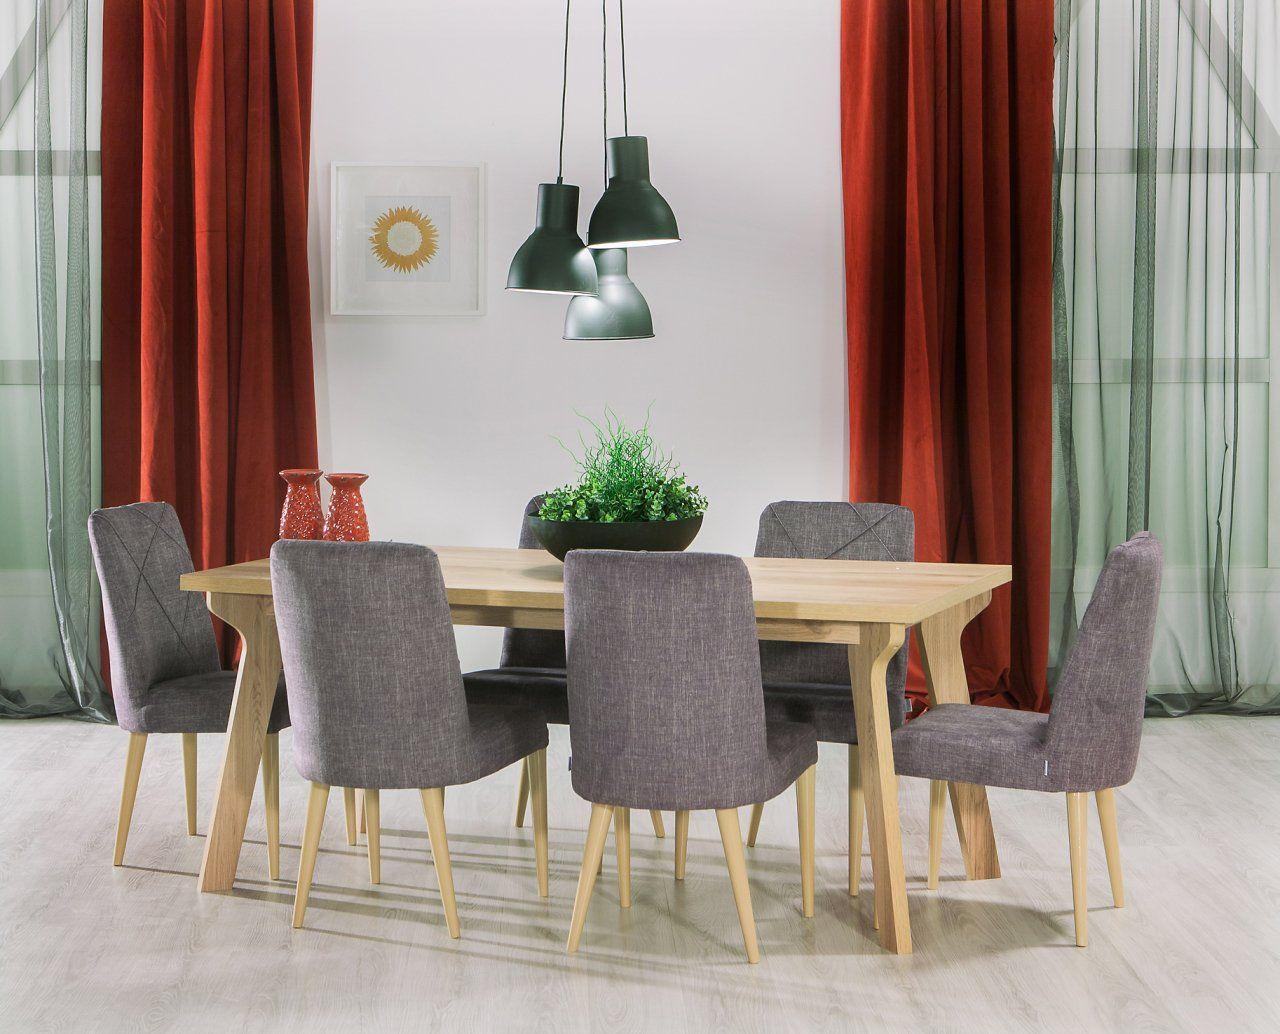 alize masa 6 adet sandalye takimi modalife mobilya masa sandalye takimlari ev dekoru mobilya mobilya fikirleri